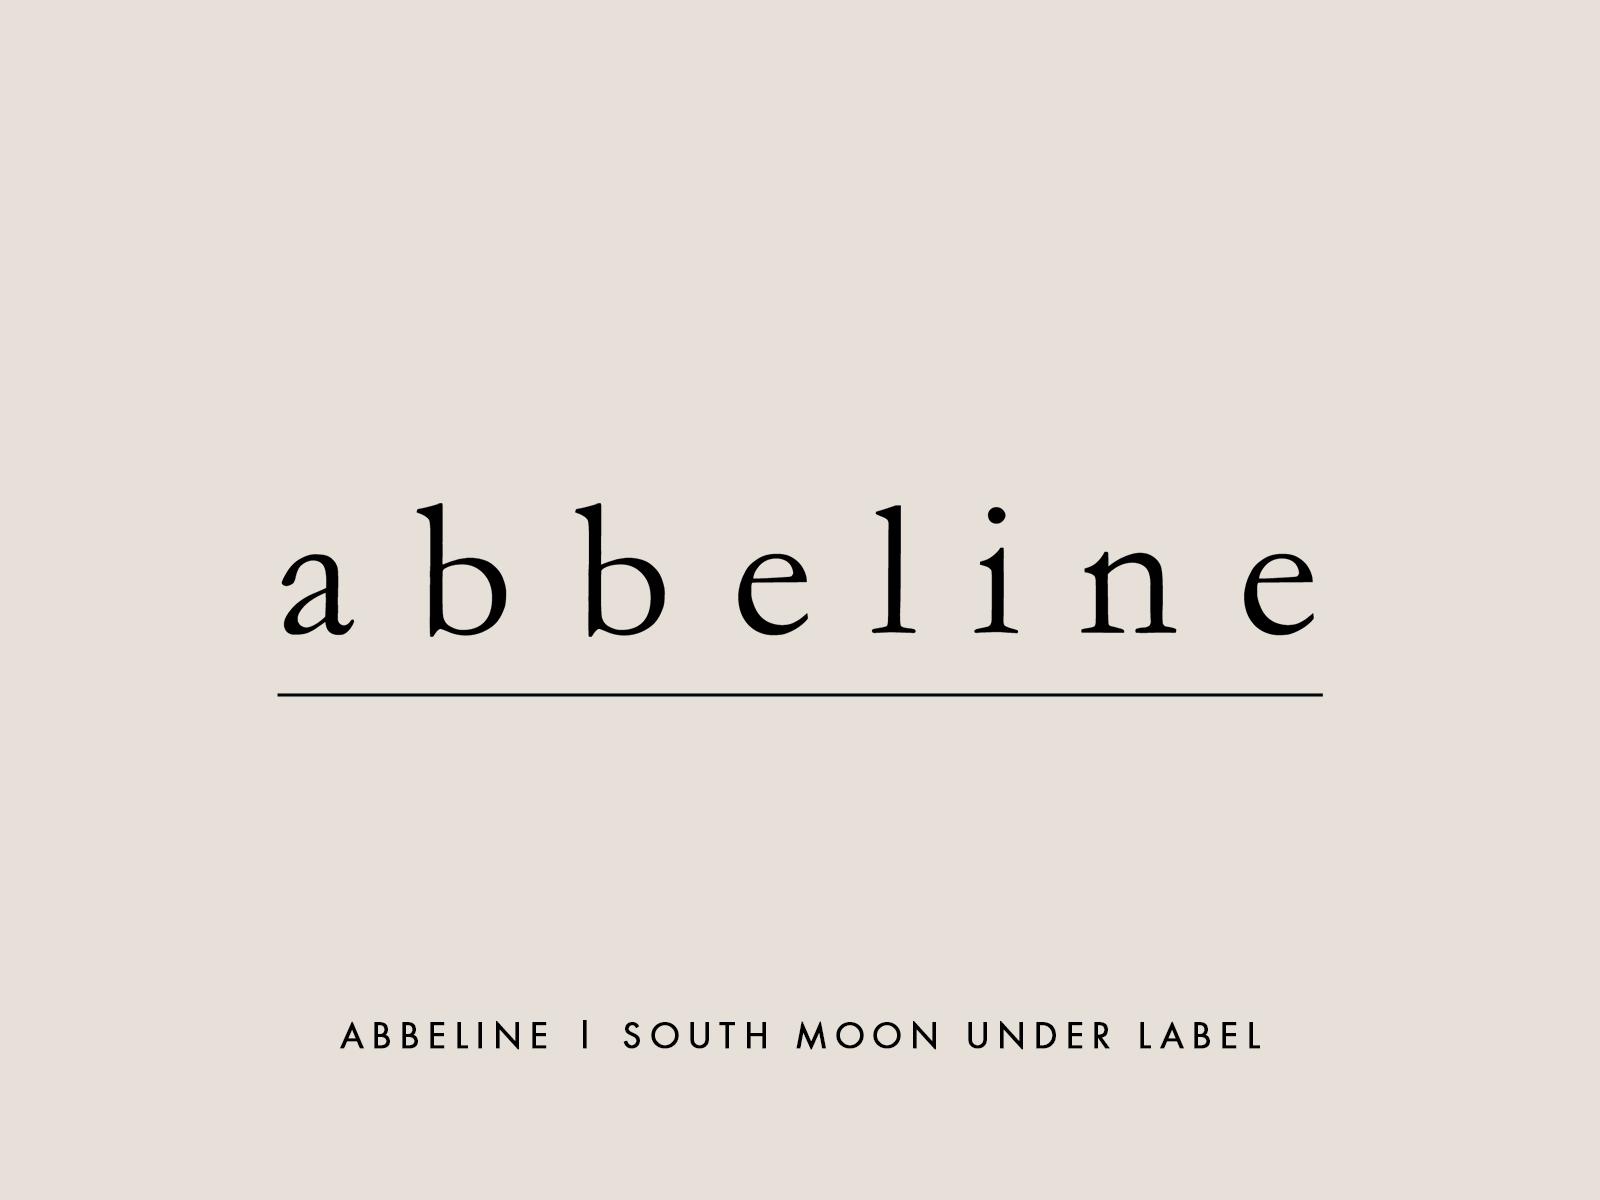 logo_abbeline.jpg